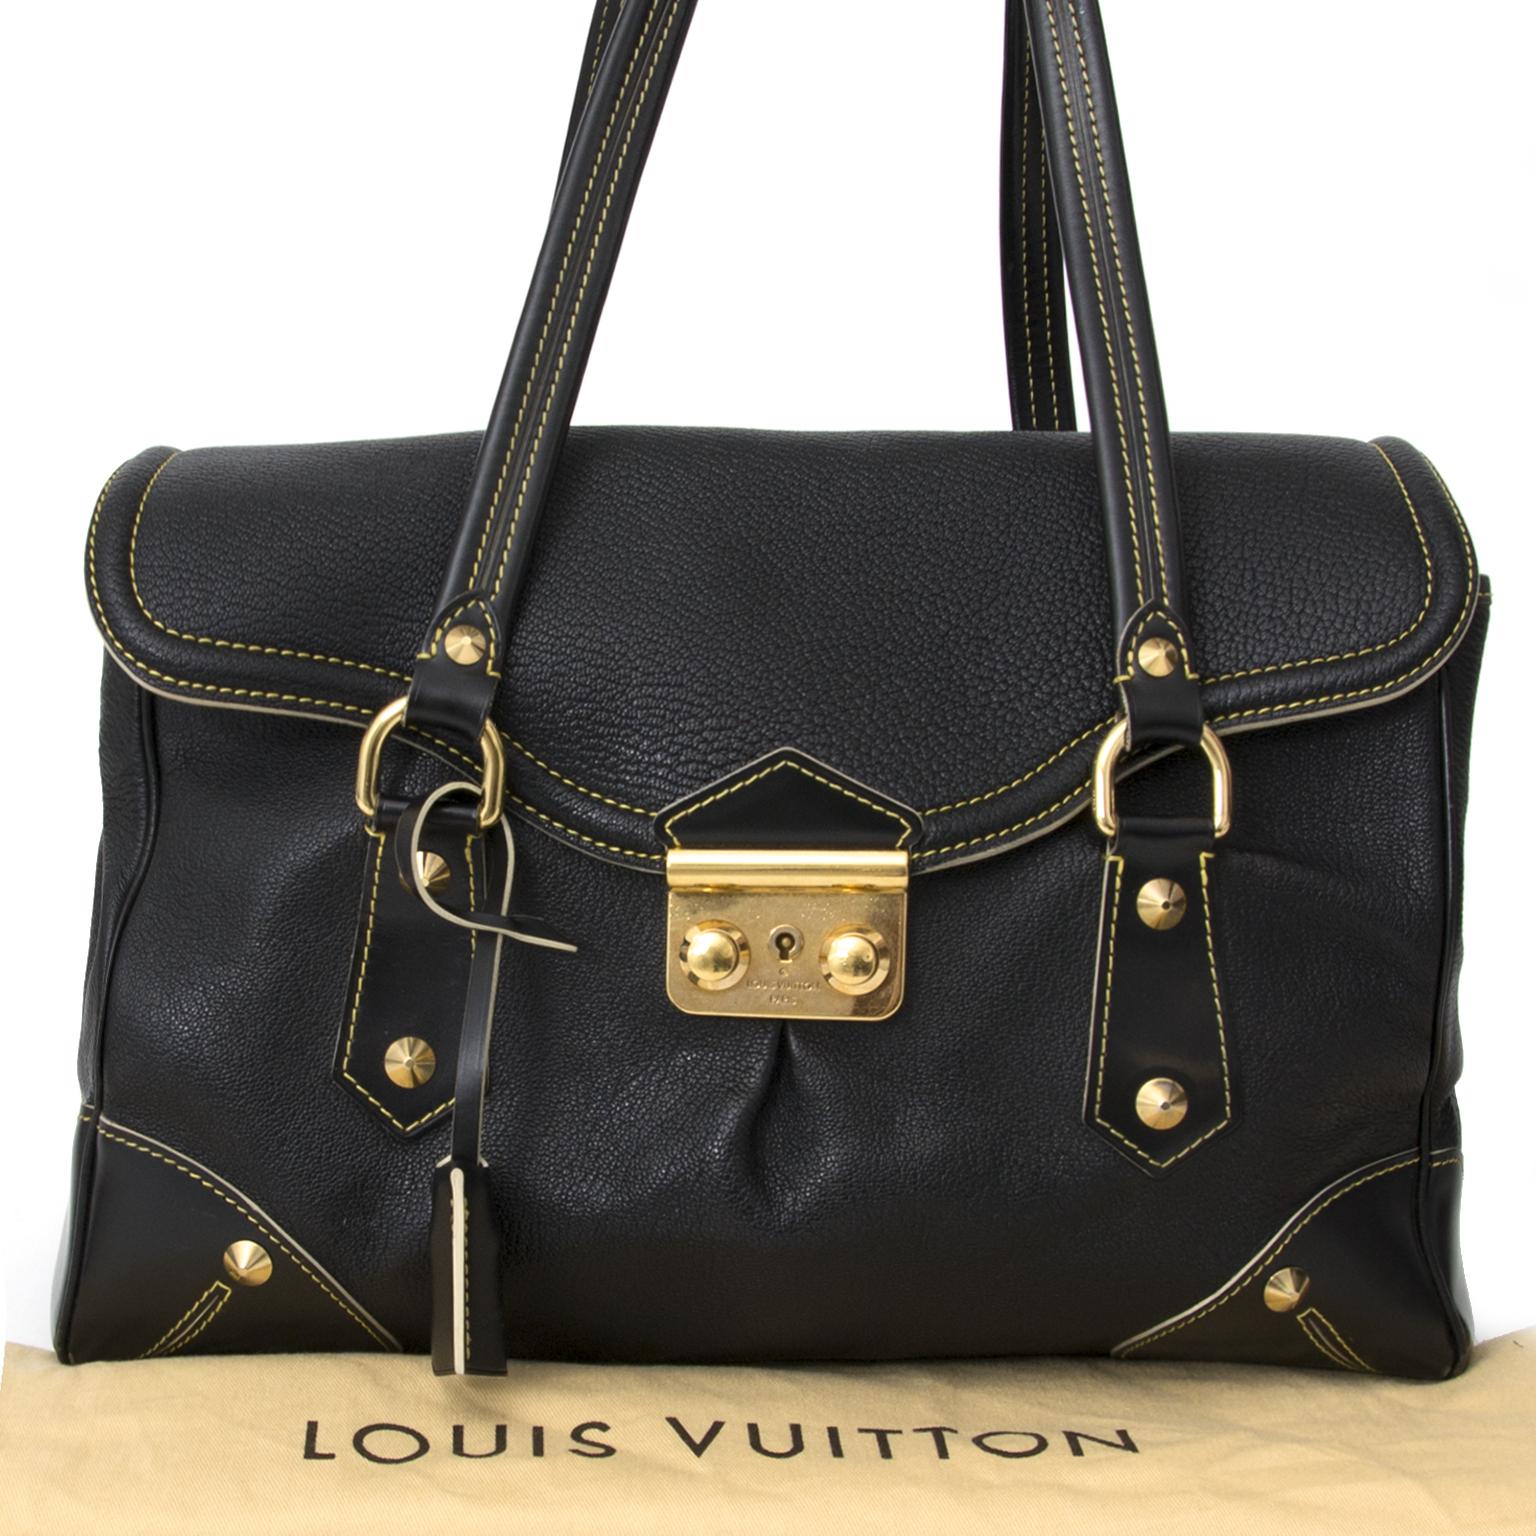 8c4e03361ee2 Veilig Authentieke Louis Vuitton L Absolu voor de juiste prijs bij LabelLOV  vintage webshop. Veilig